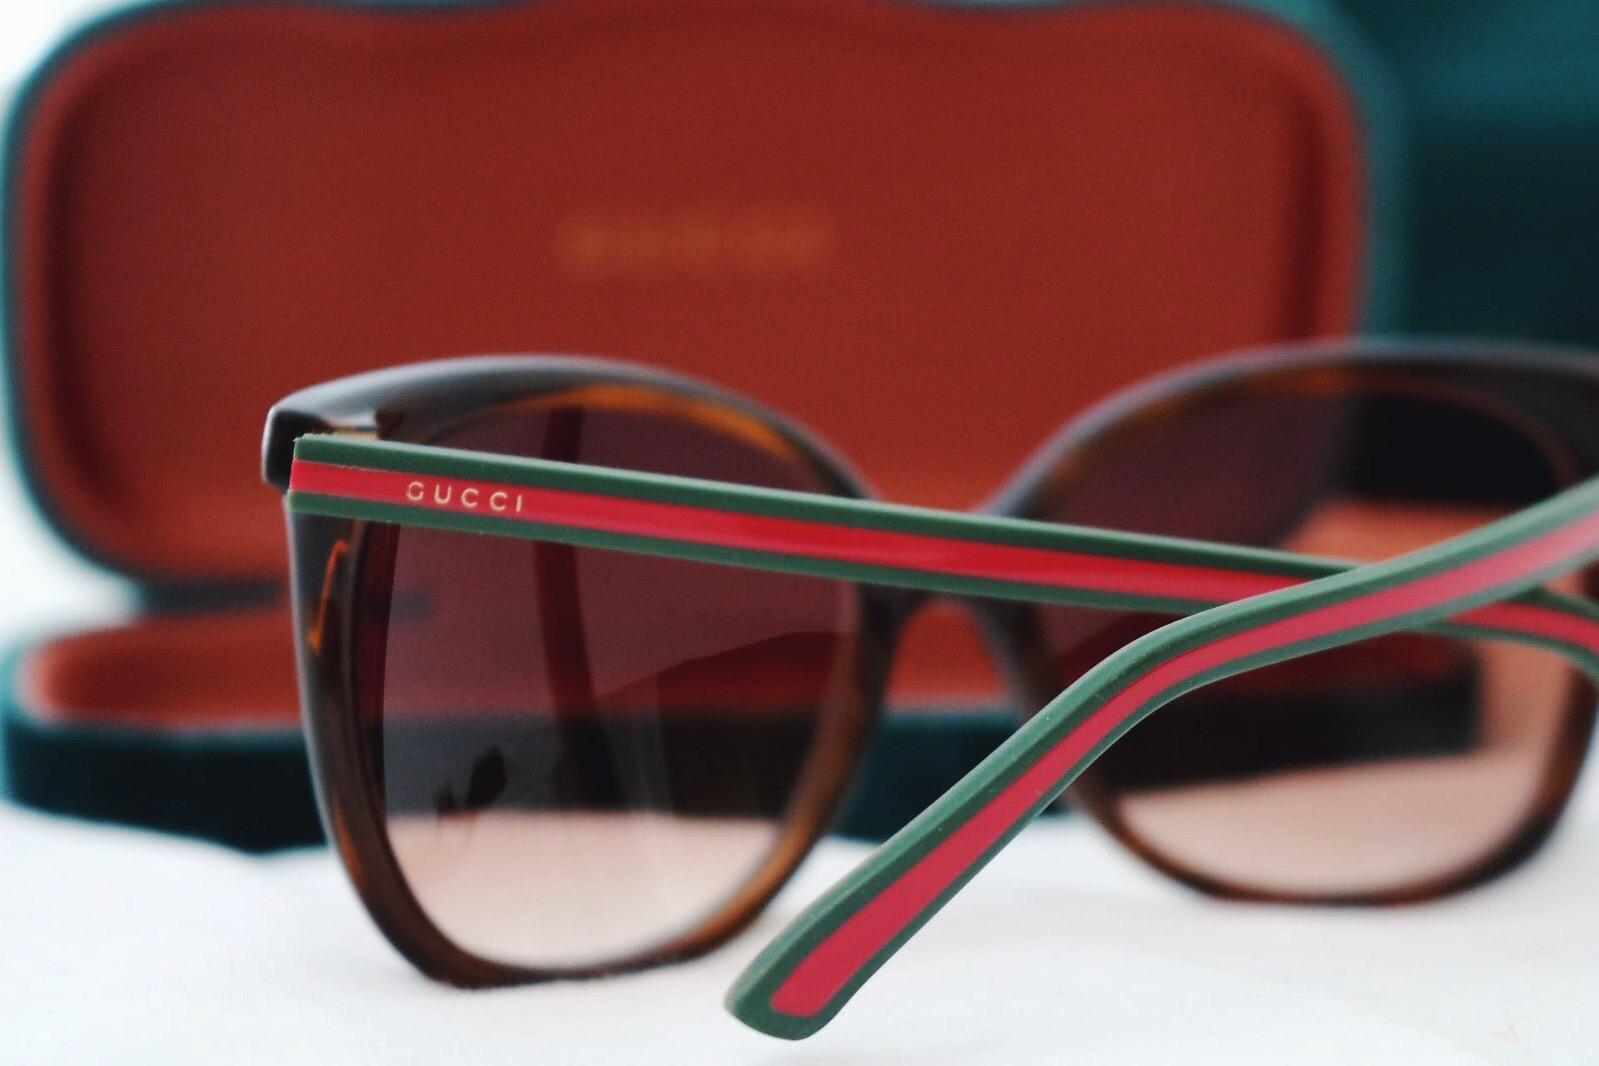 Gucci glasses and Gucci sunglasses